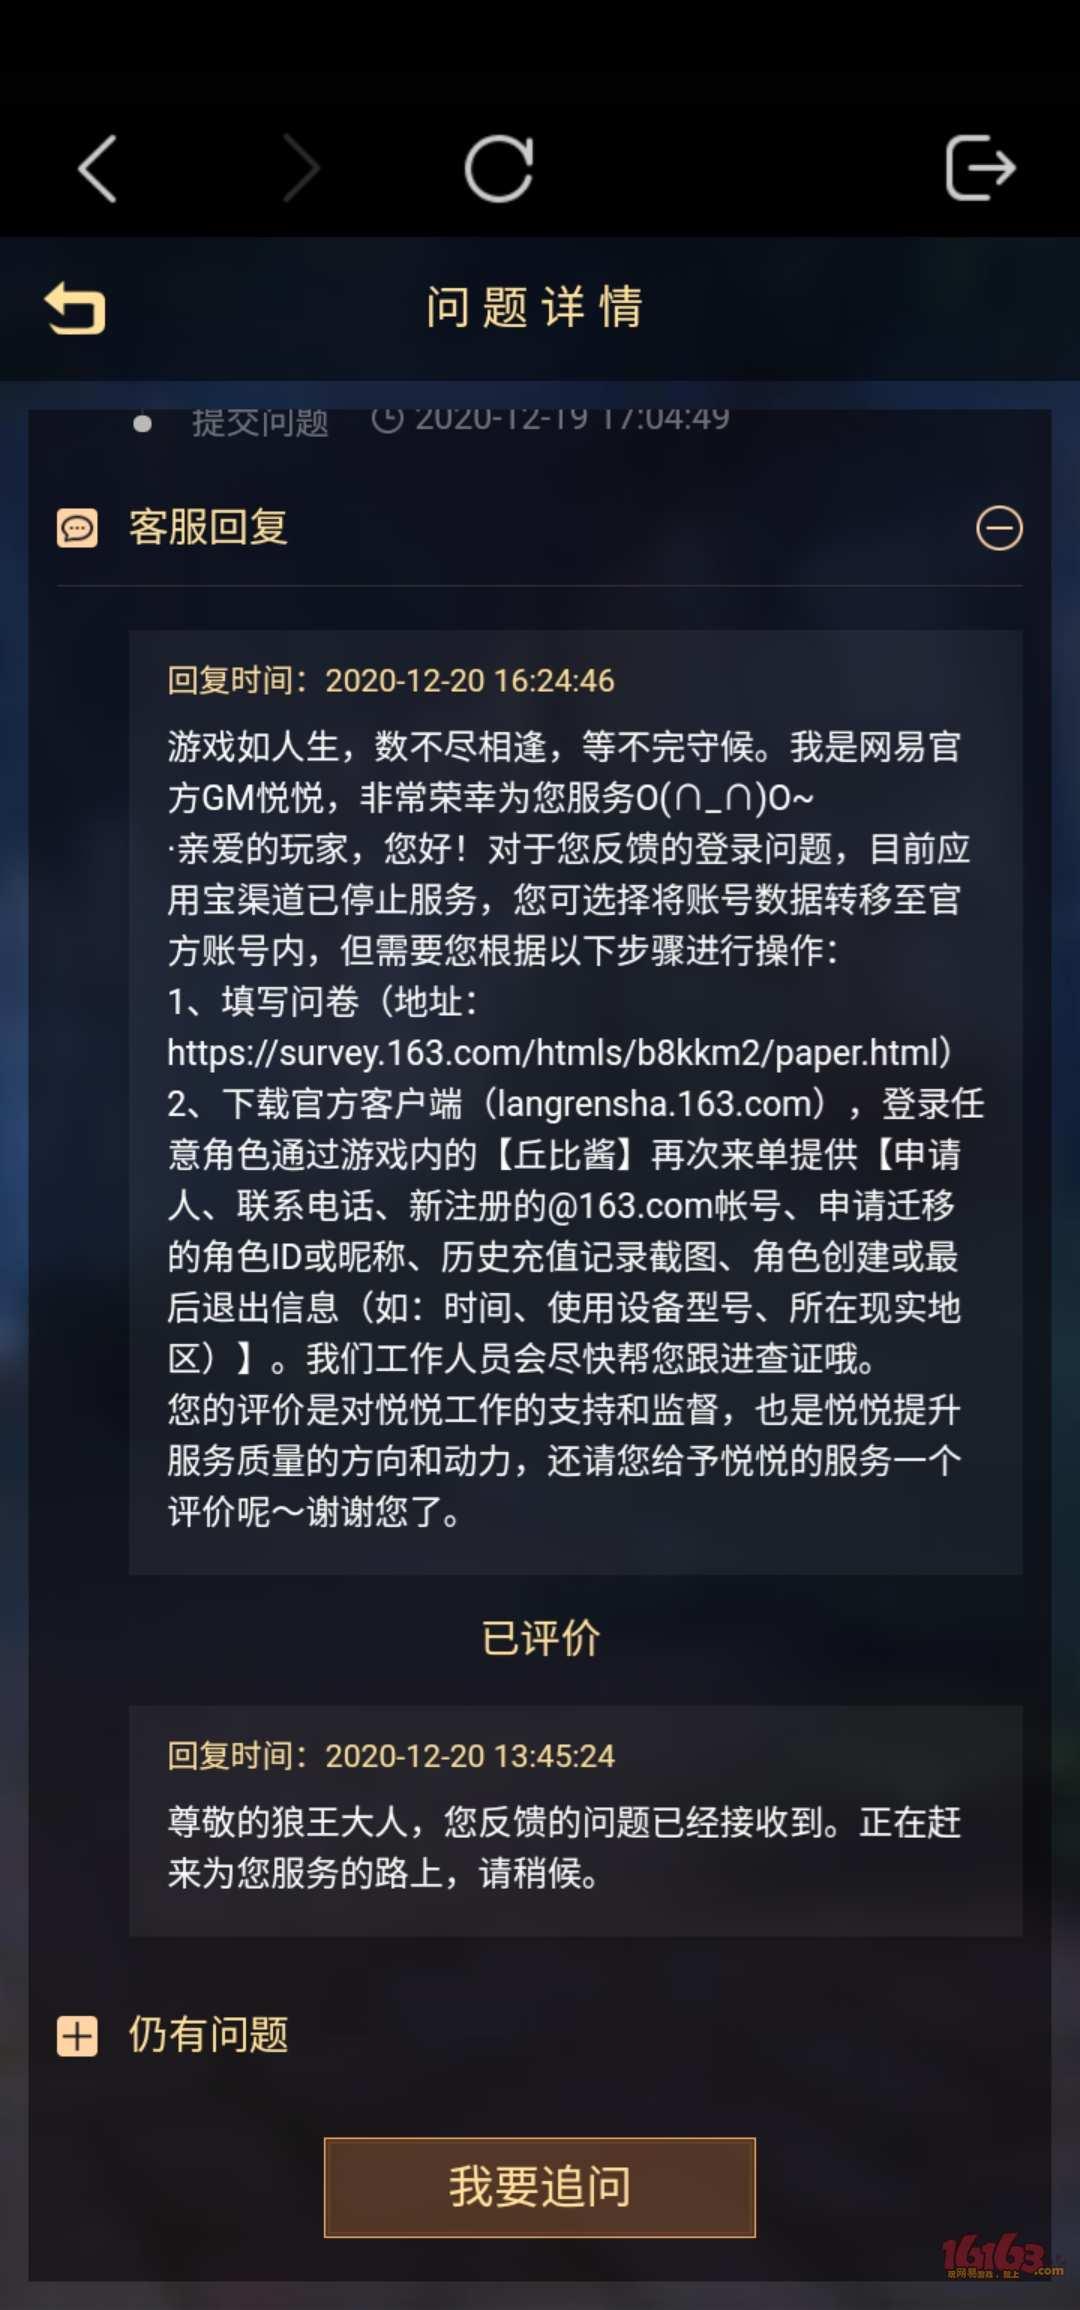 Screenshot_20201220_225141_com.netease.lrs.jpg